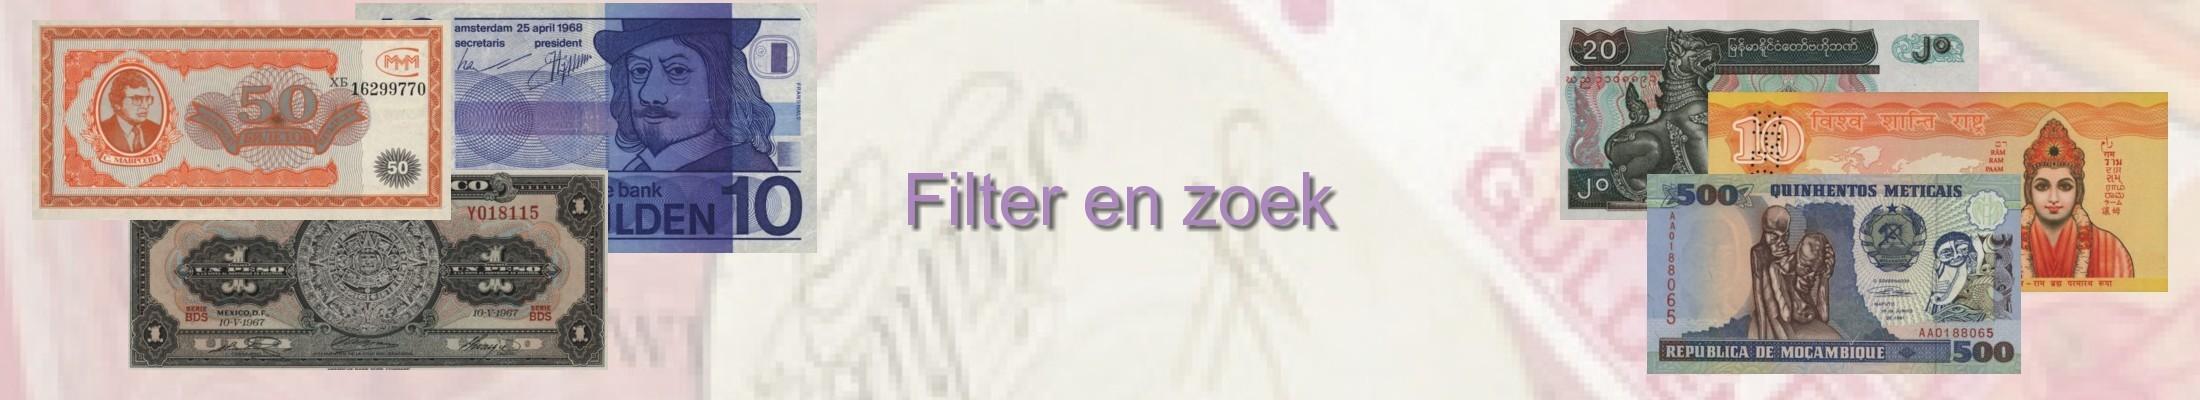 Filter en zoek